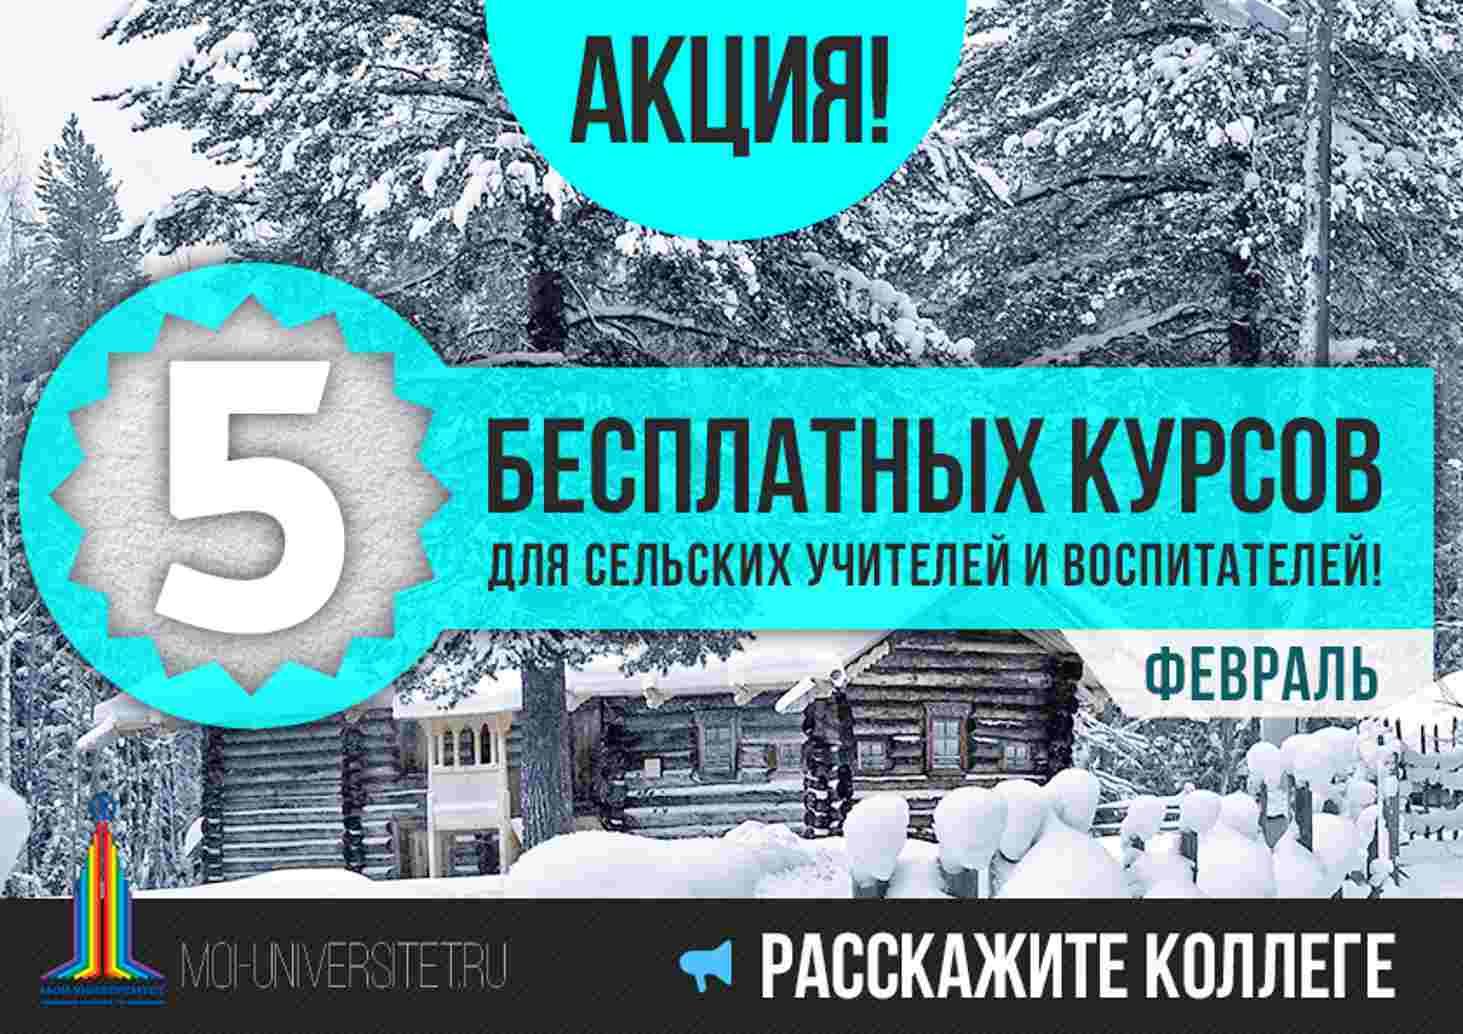 otkryta-registratsiya-dlya-uchastiya-v-aktsii-5-besplatnyh-kursov-dlya-selskih-uchitelej-i-vospitatelej